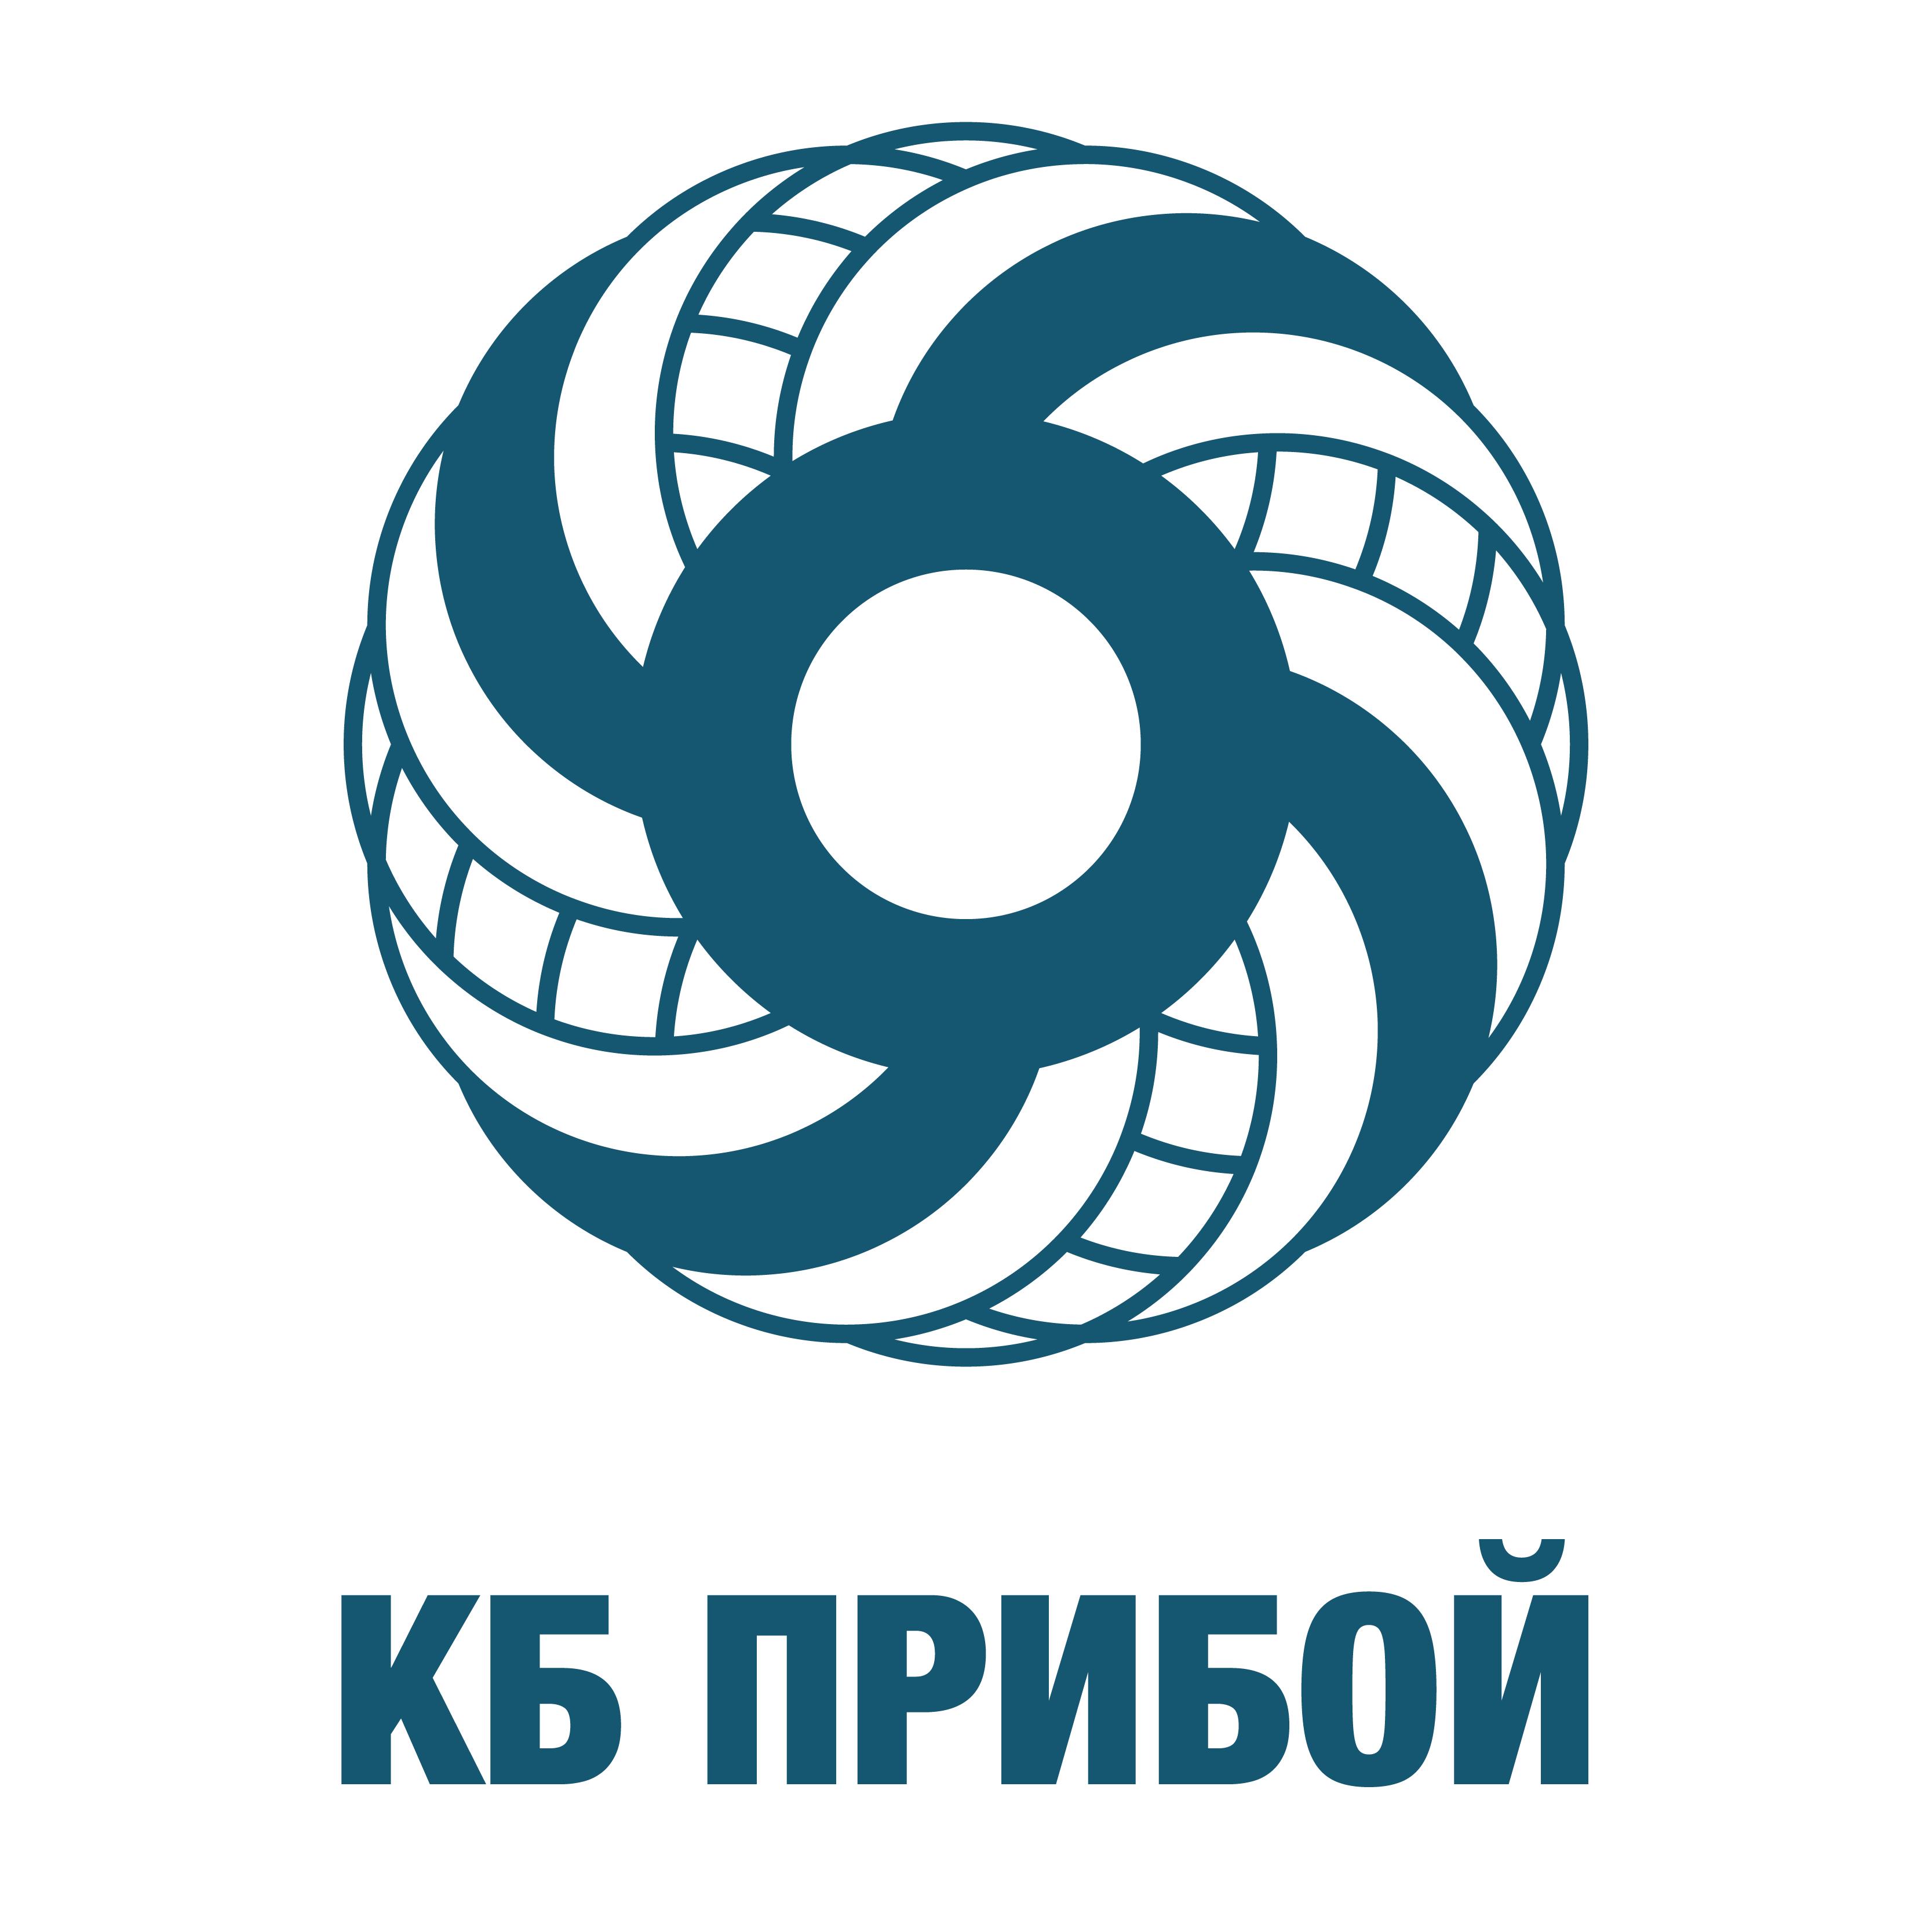 Разработка логотипа и фирменного стиля для КБ Прибой фото f_9695b22a4d7a5d7d.png